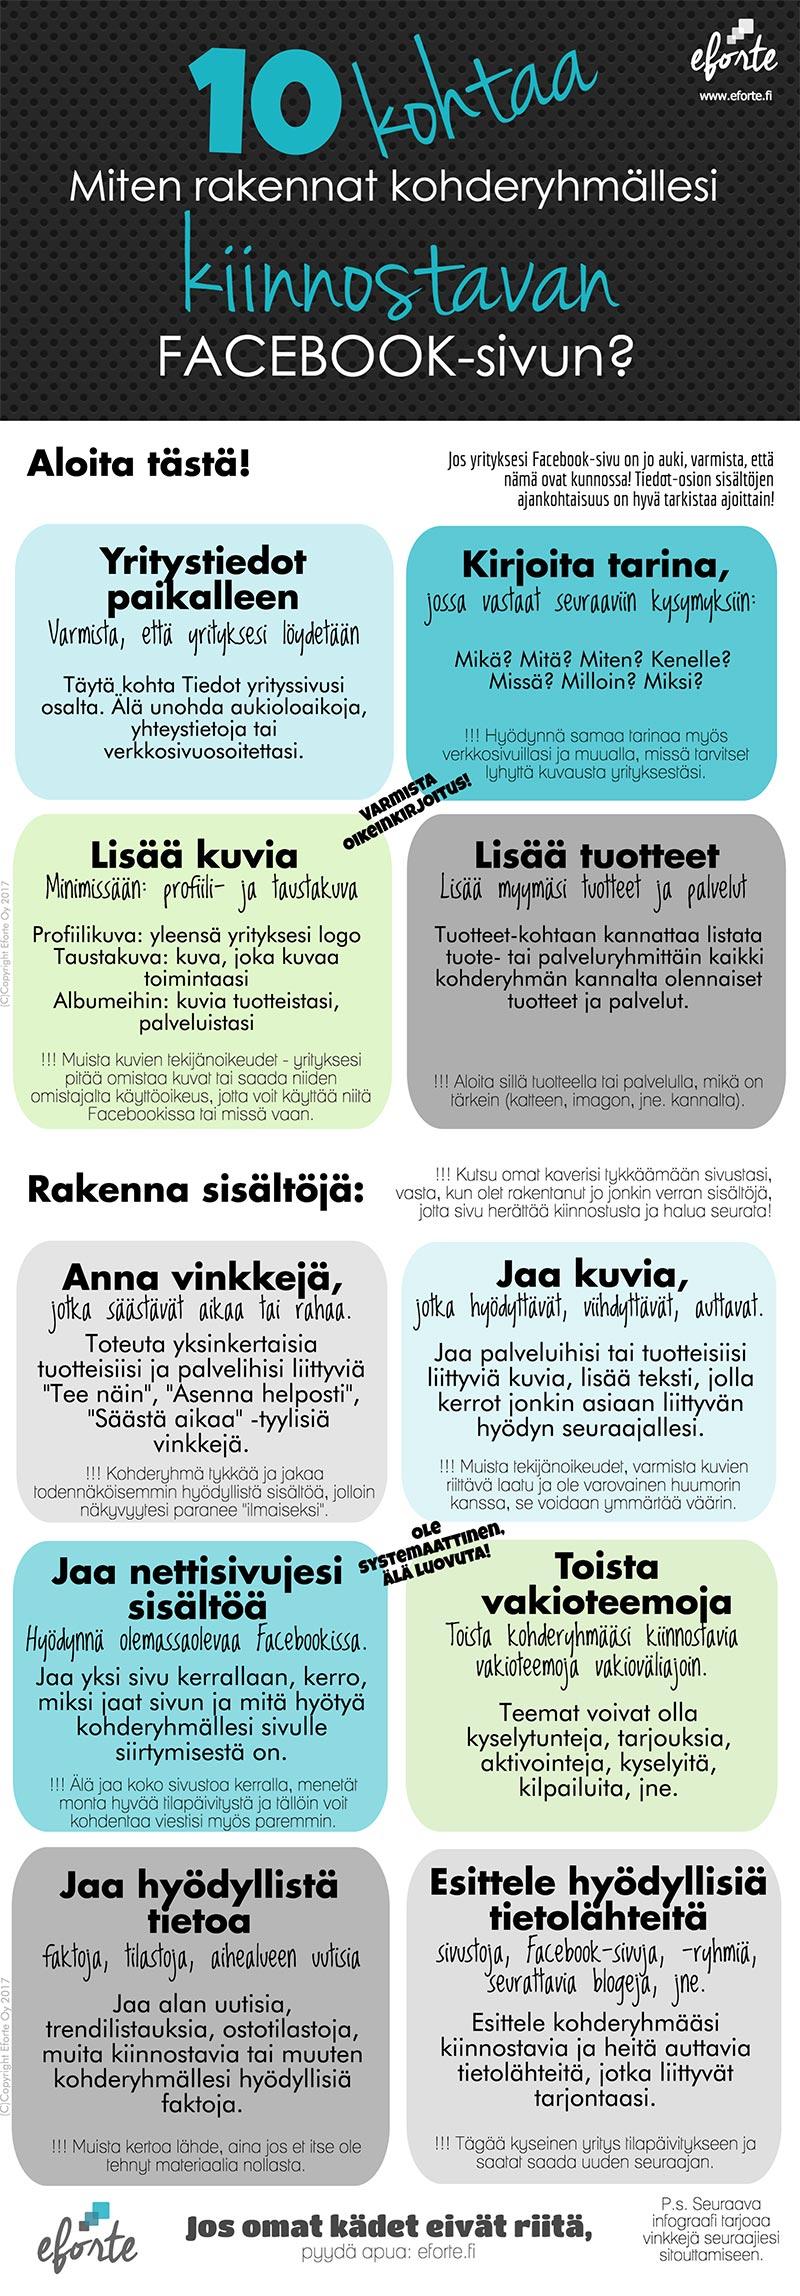 eforte-10-kohtaa-miten_rakentaa-yritykselle-facebook-sivut 2